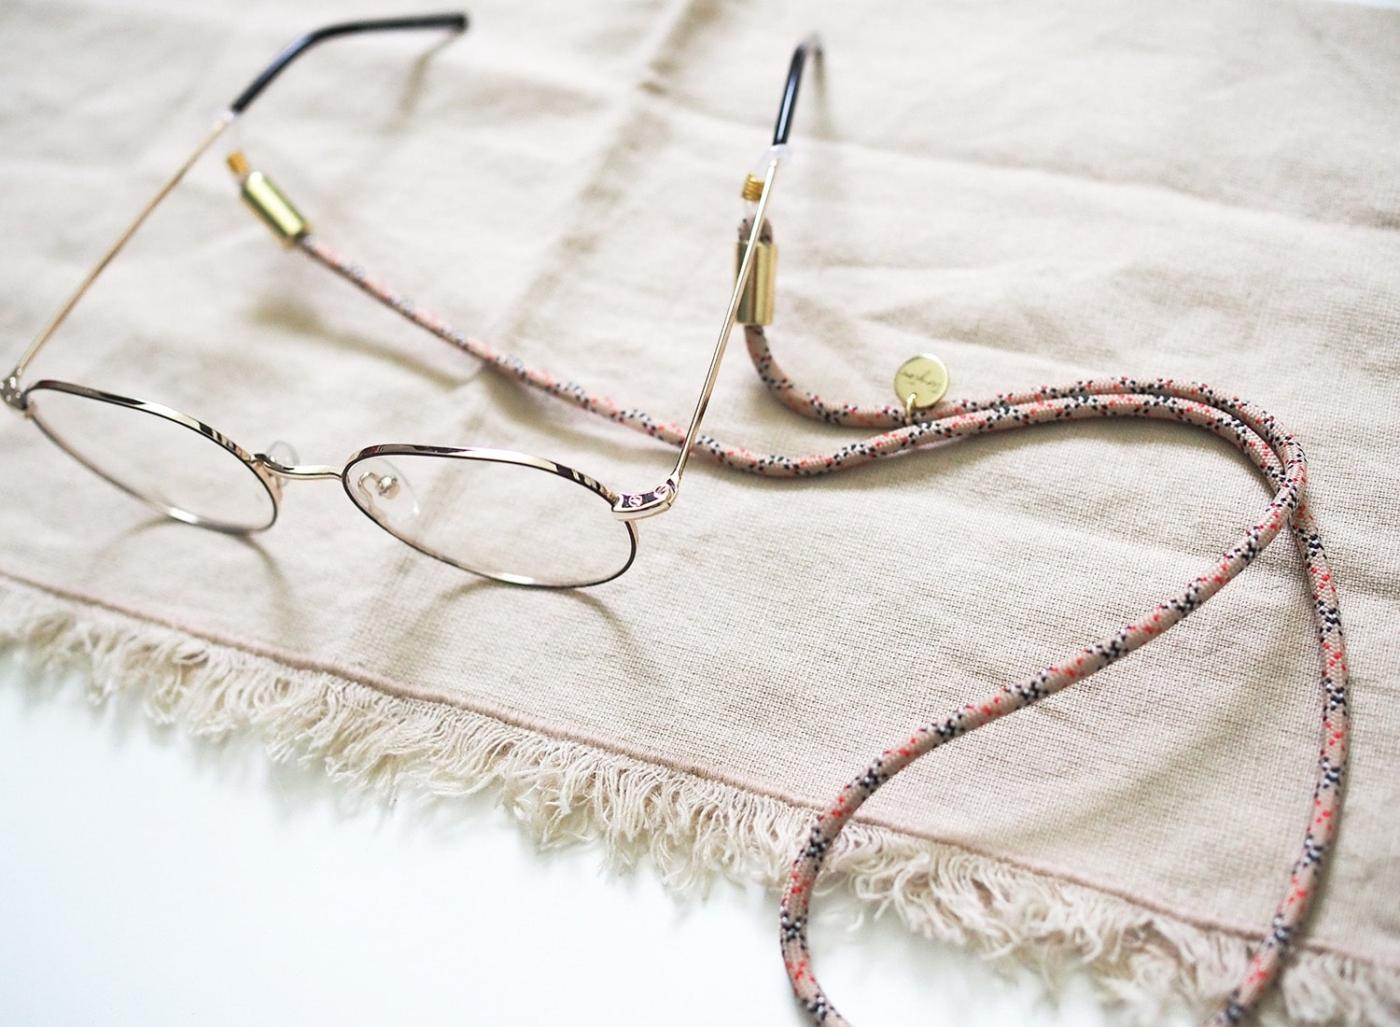 Brillenband aus Nylon-Tau in beige kariert an Brille mit goldenen Details.